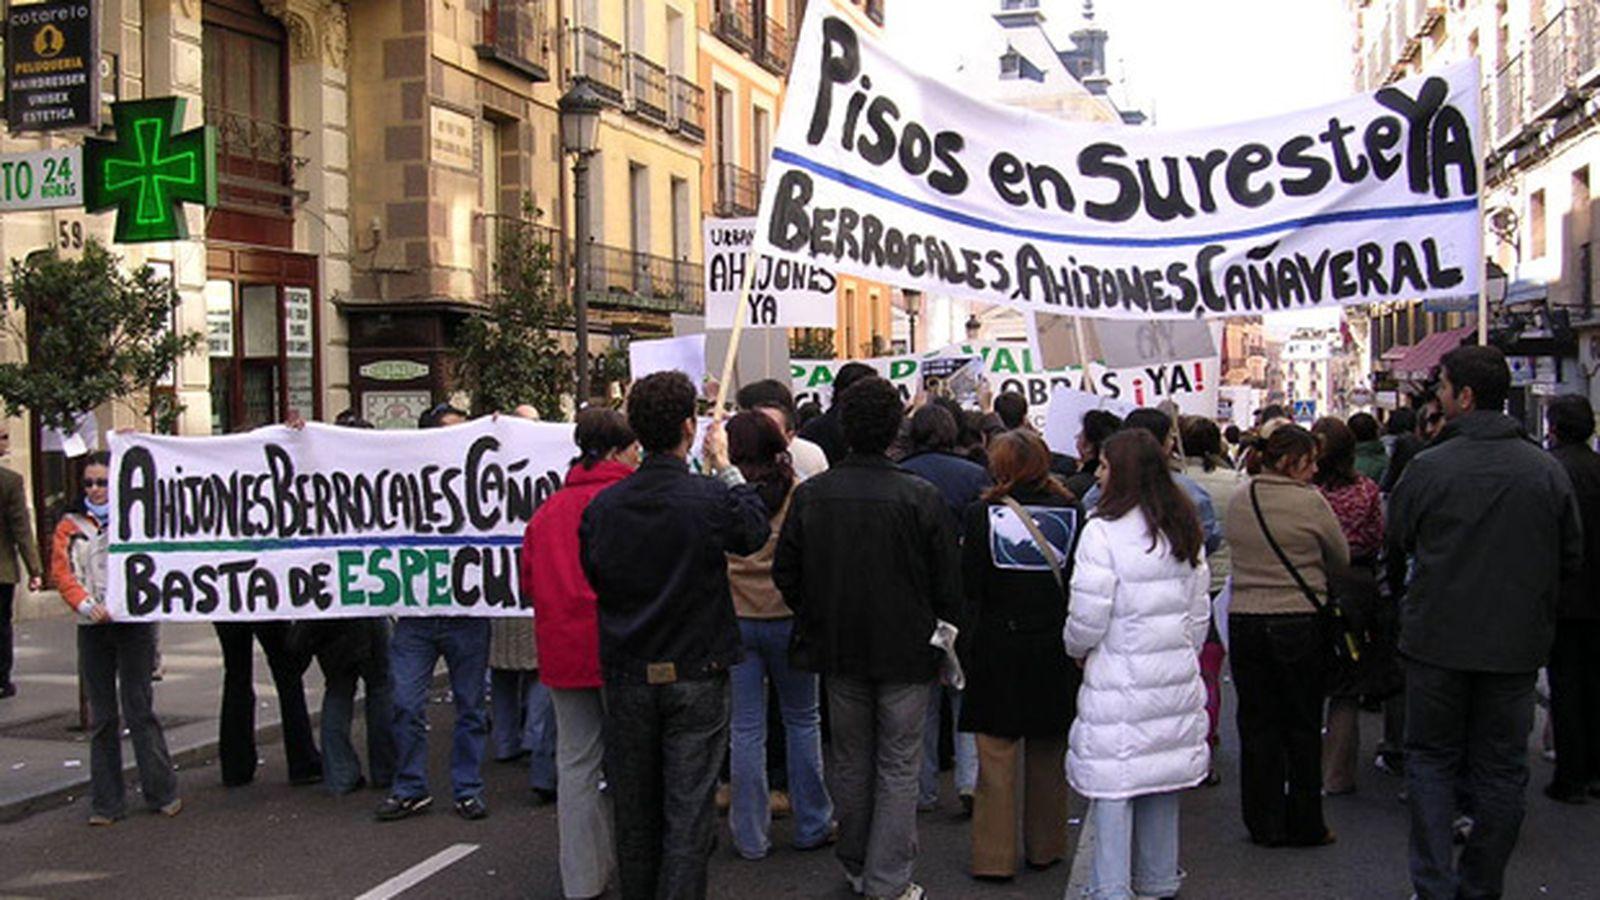 Foto: Foto: Asociación del sureste.com (Los Ahijones, Los Berrocales, El Cañaveral, Los Cerros)